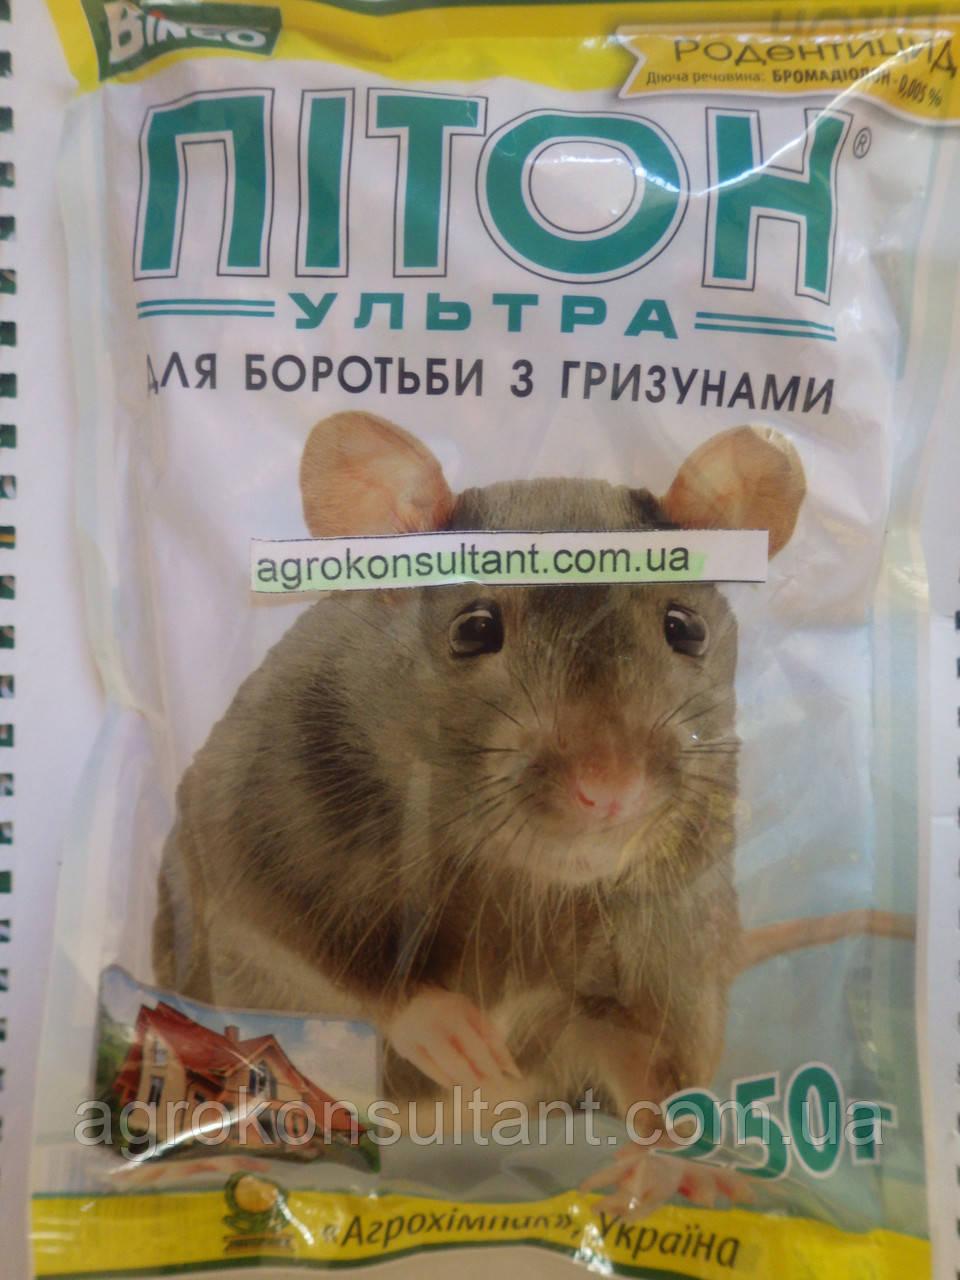 Родентицид Пітон Ультра 250 г - гранули від щурів, мишей, гризунів. Приманка готова до застосування.